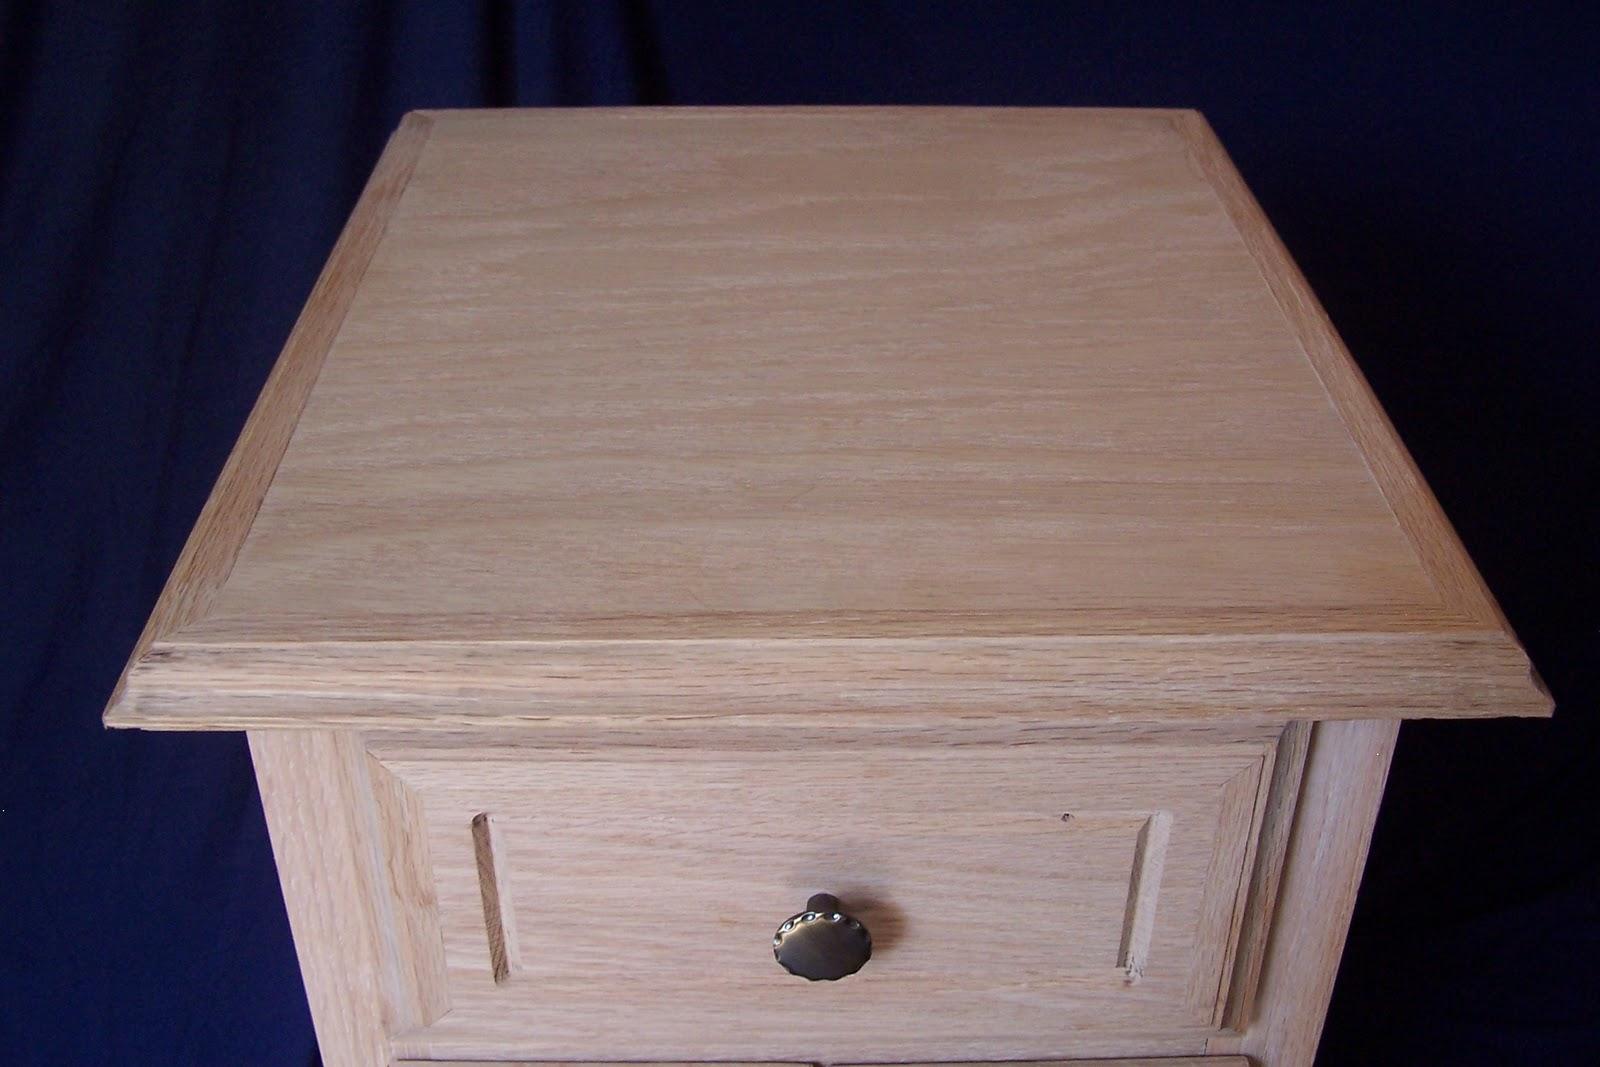 Kindelspire Custom Woodworking: Large Unfinished Oak End